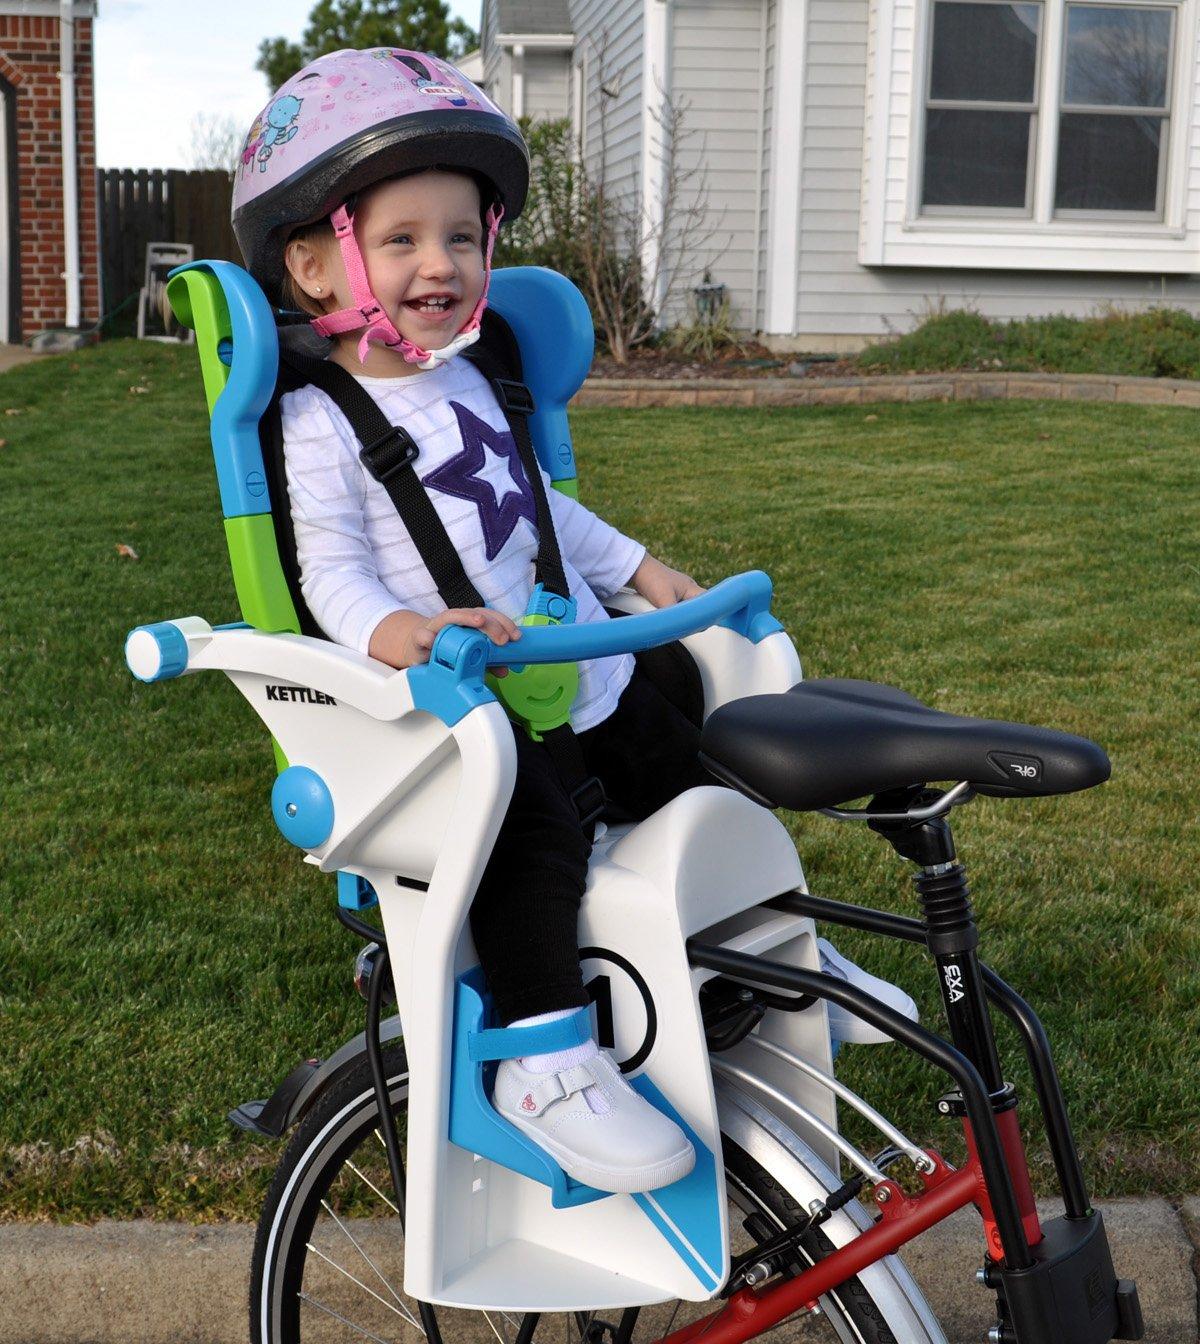 Kettler Fahrradzubehör Kindersitz Flipper Weiß Blau 08947 590